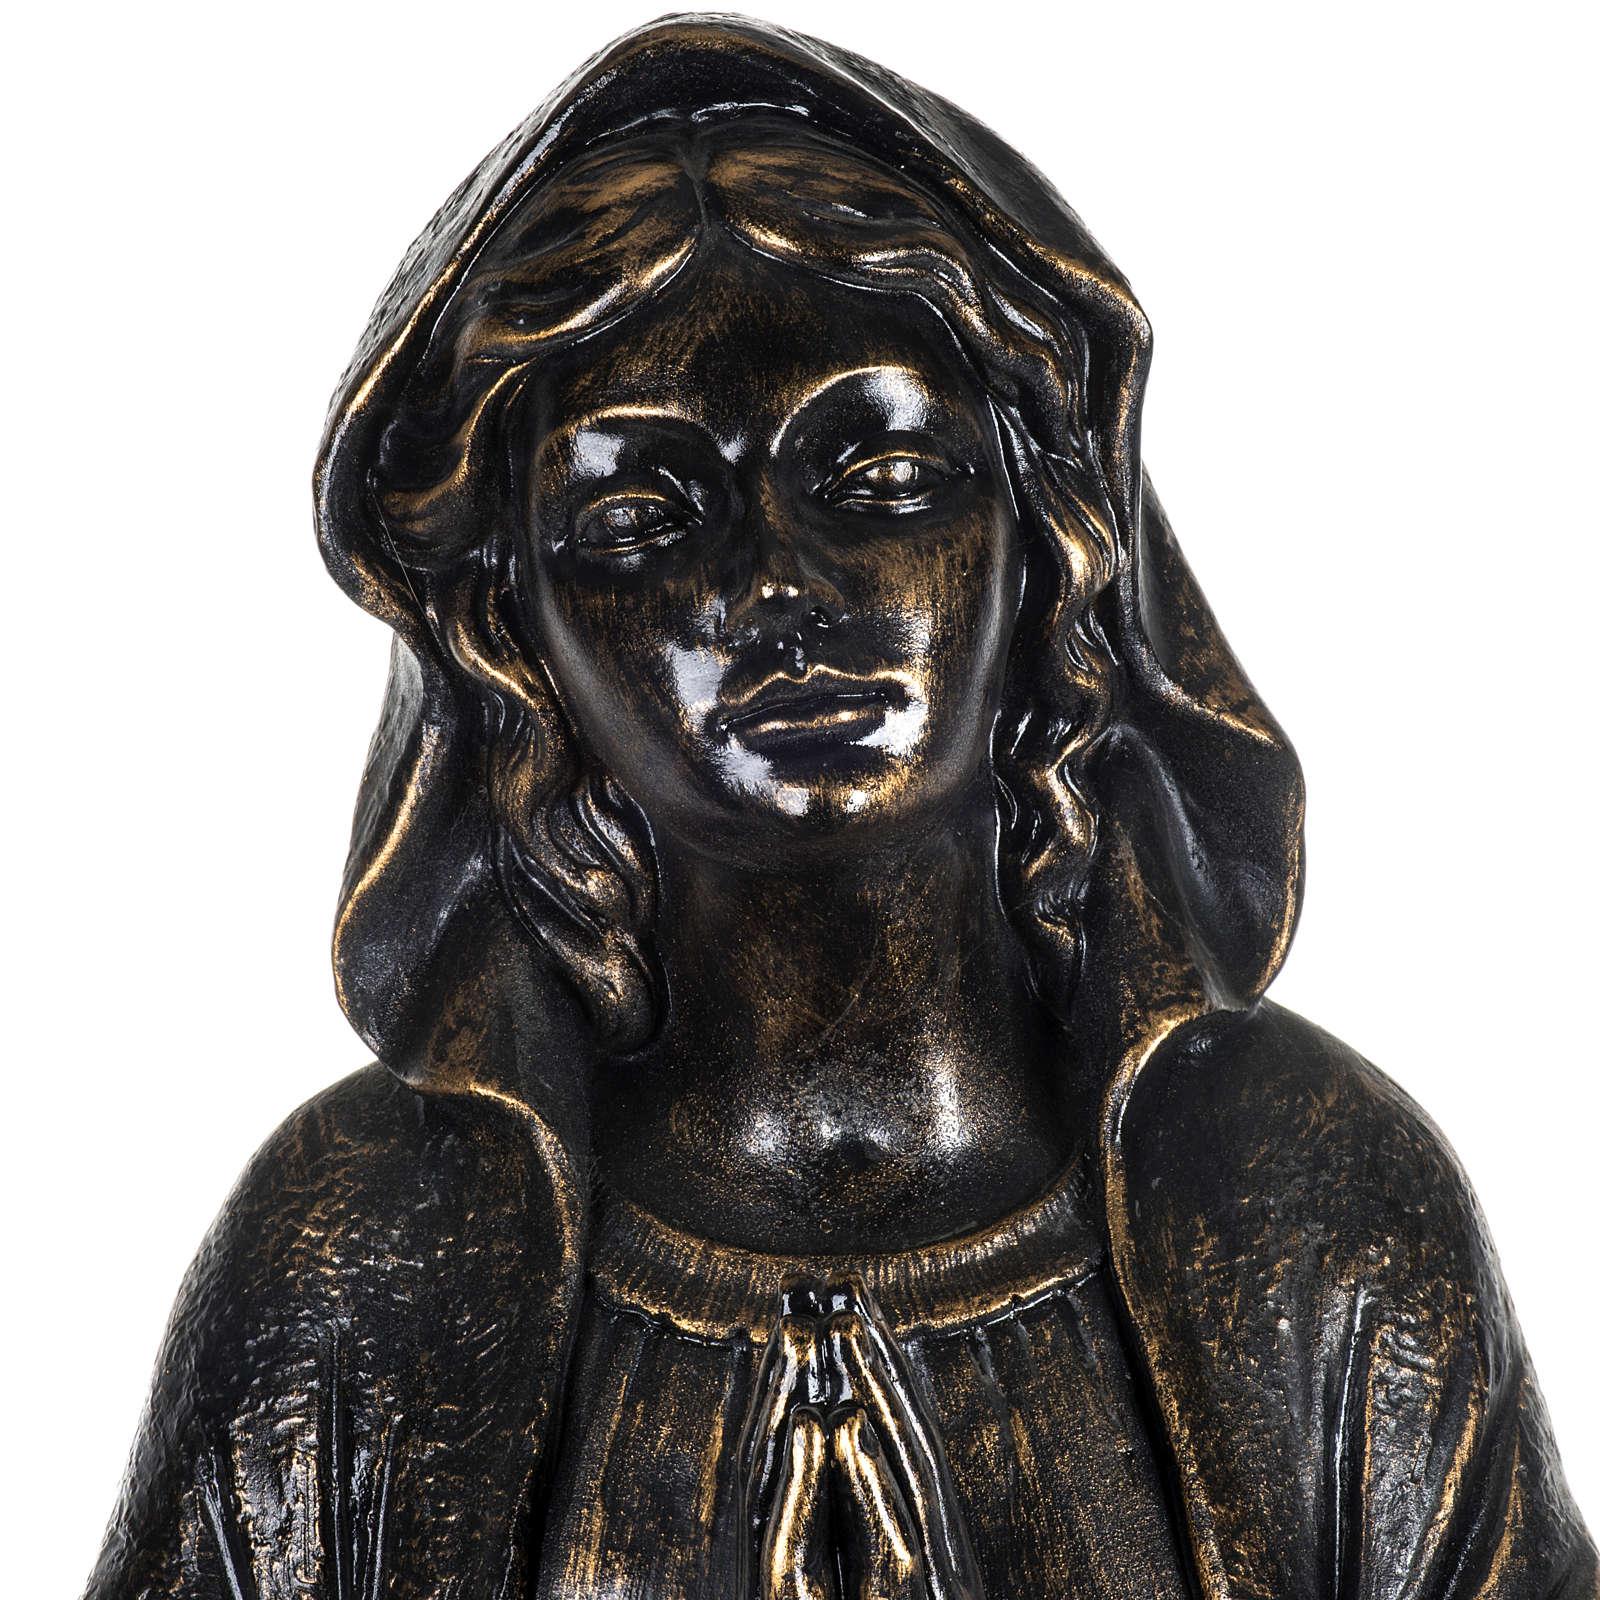 Figura Nuestra Señora de Medjugorje 100 cm. acabados bronceados 4